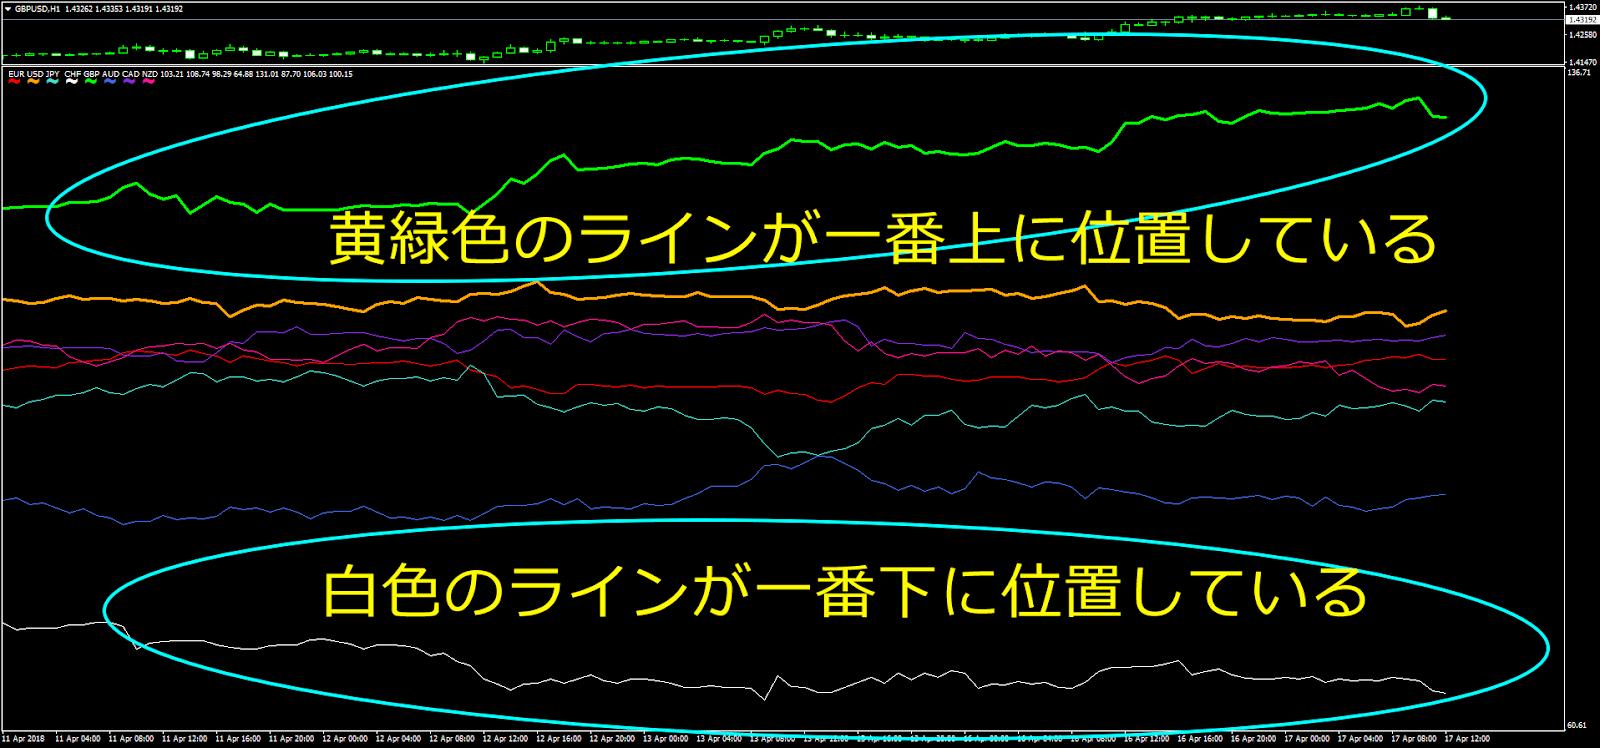 Ku-Chartの画面